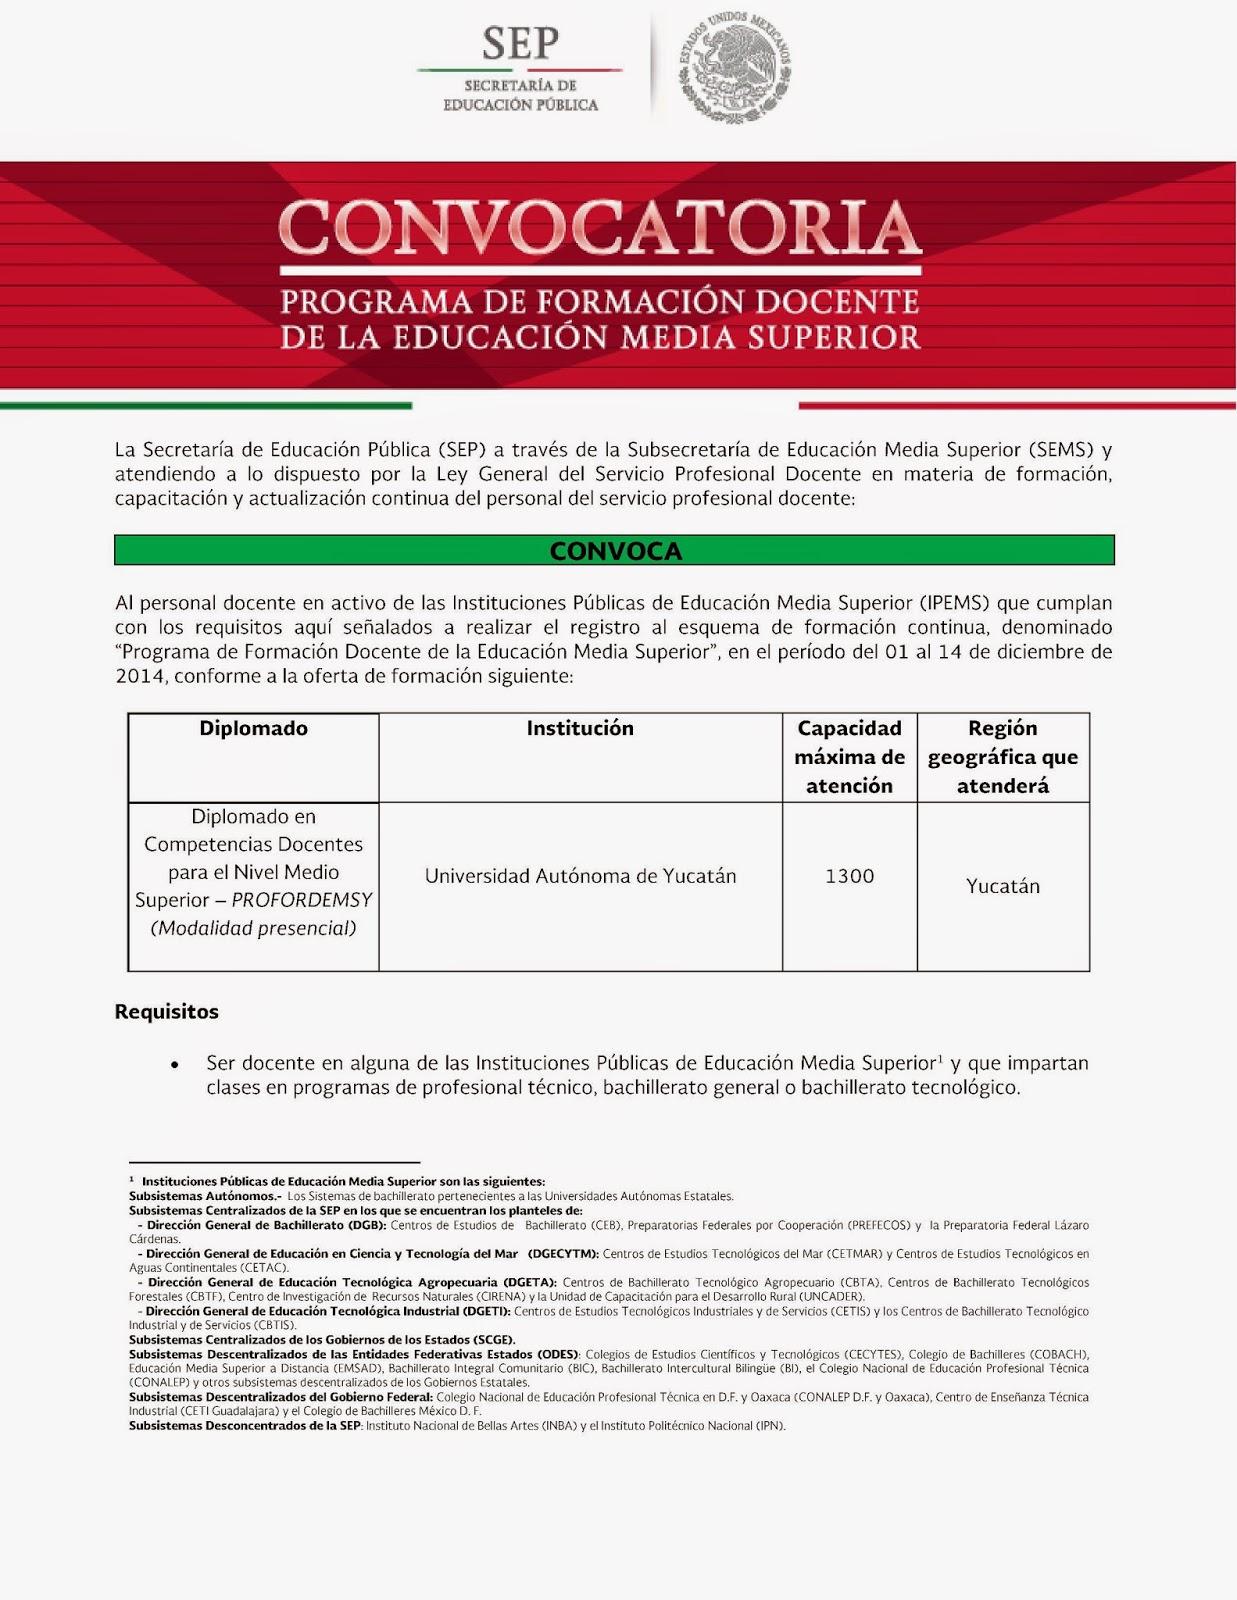 cobay kinchil convocatoria para diplomado en competencias